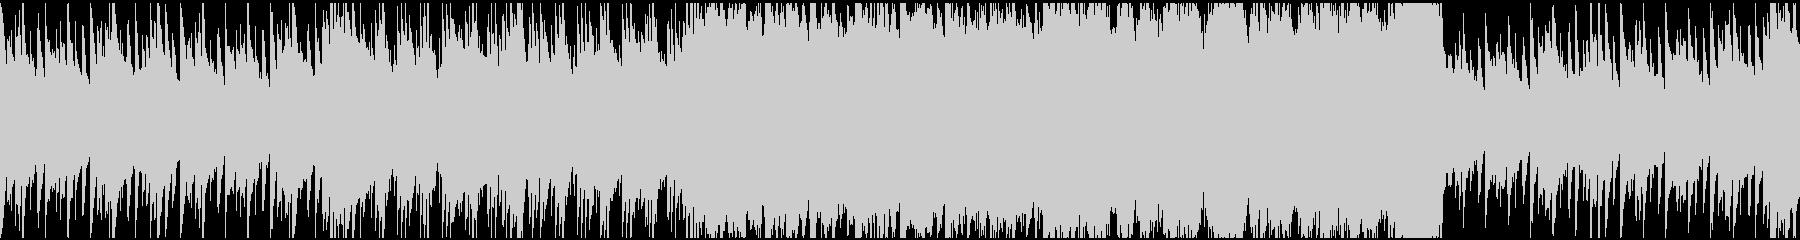 【ループ対応】ストリングスのワルツの未再生の波形